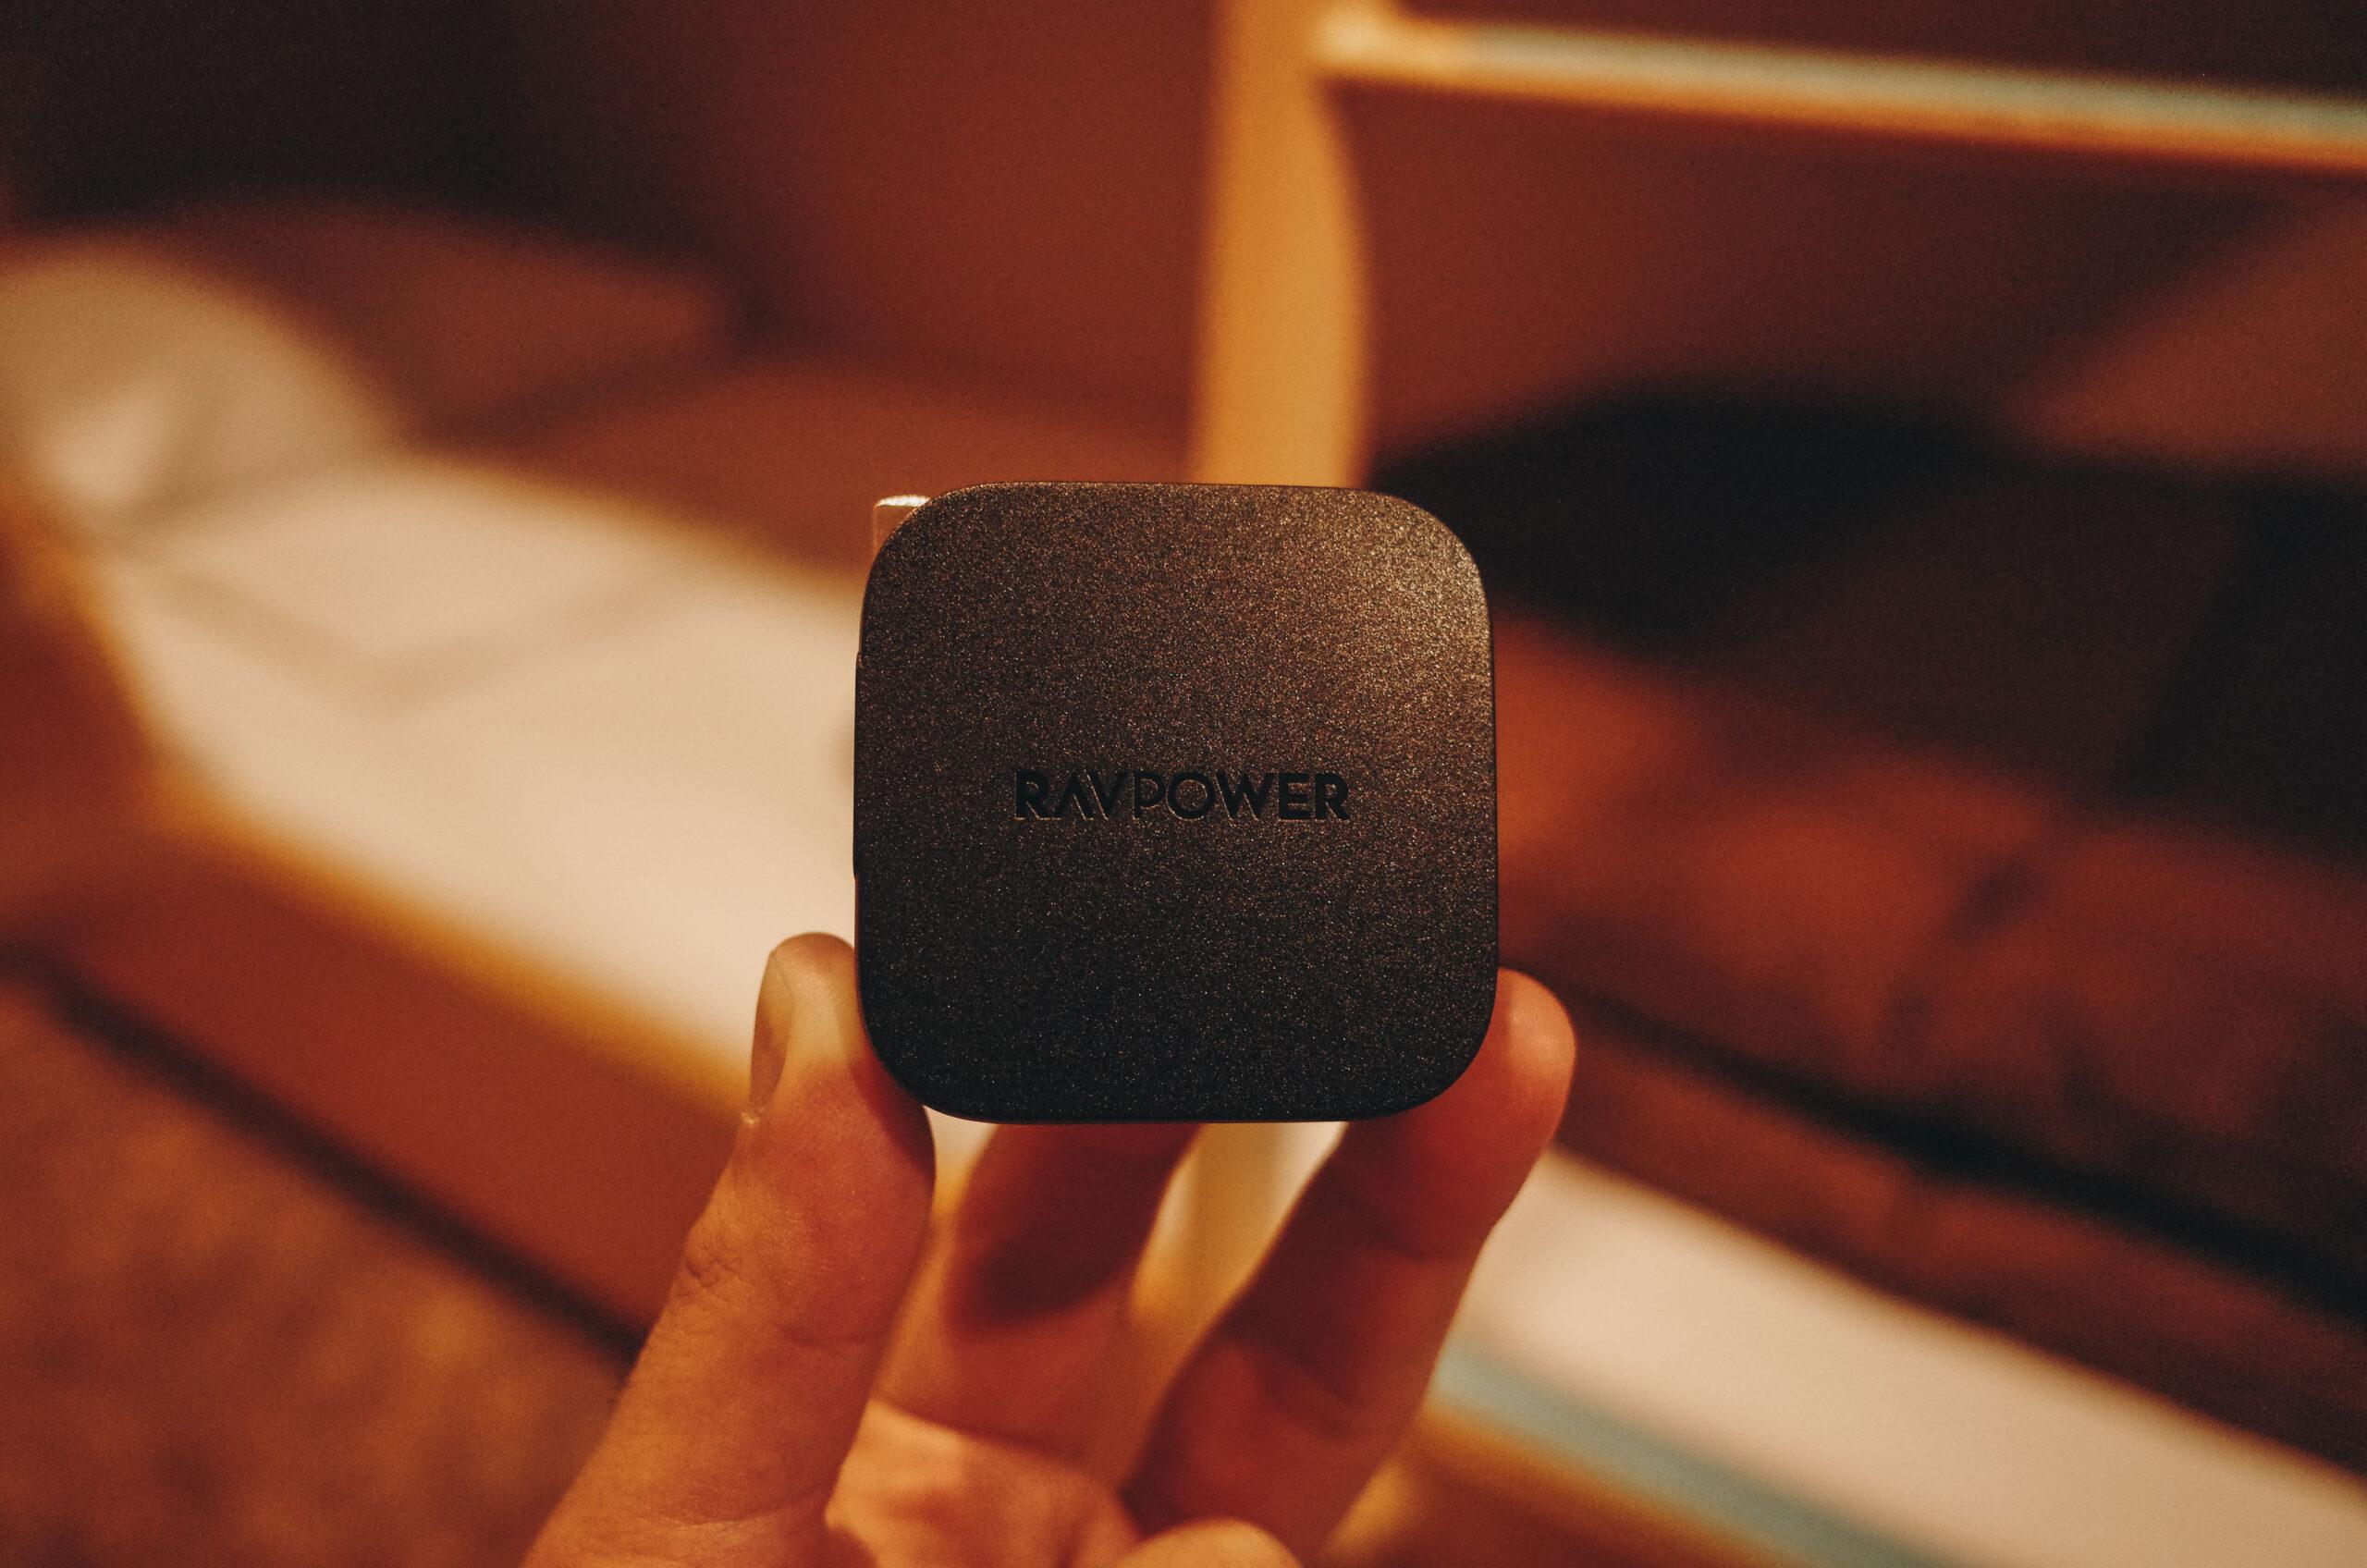 【レビュー】RavPower RP-PC 144|出張・旅行にぴったりの小型急速充電器